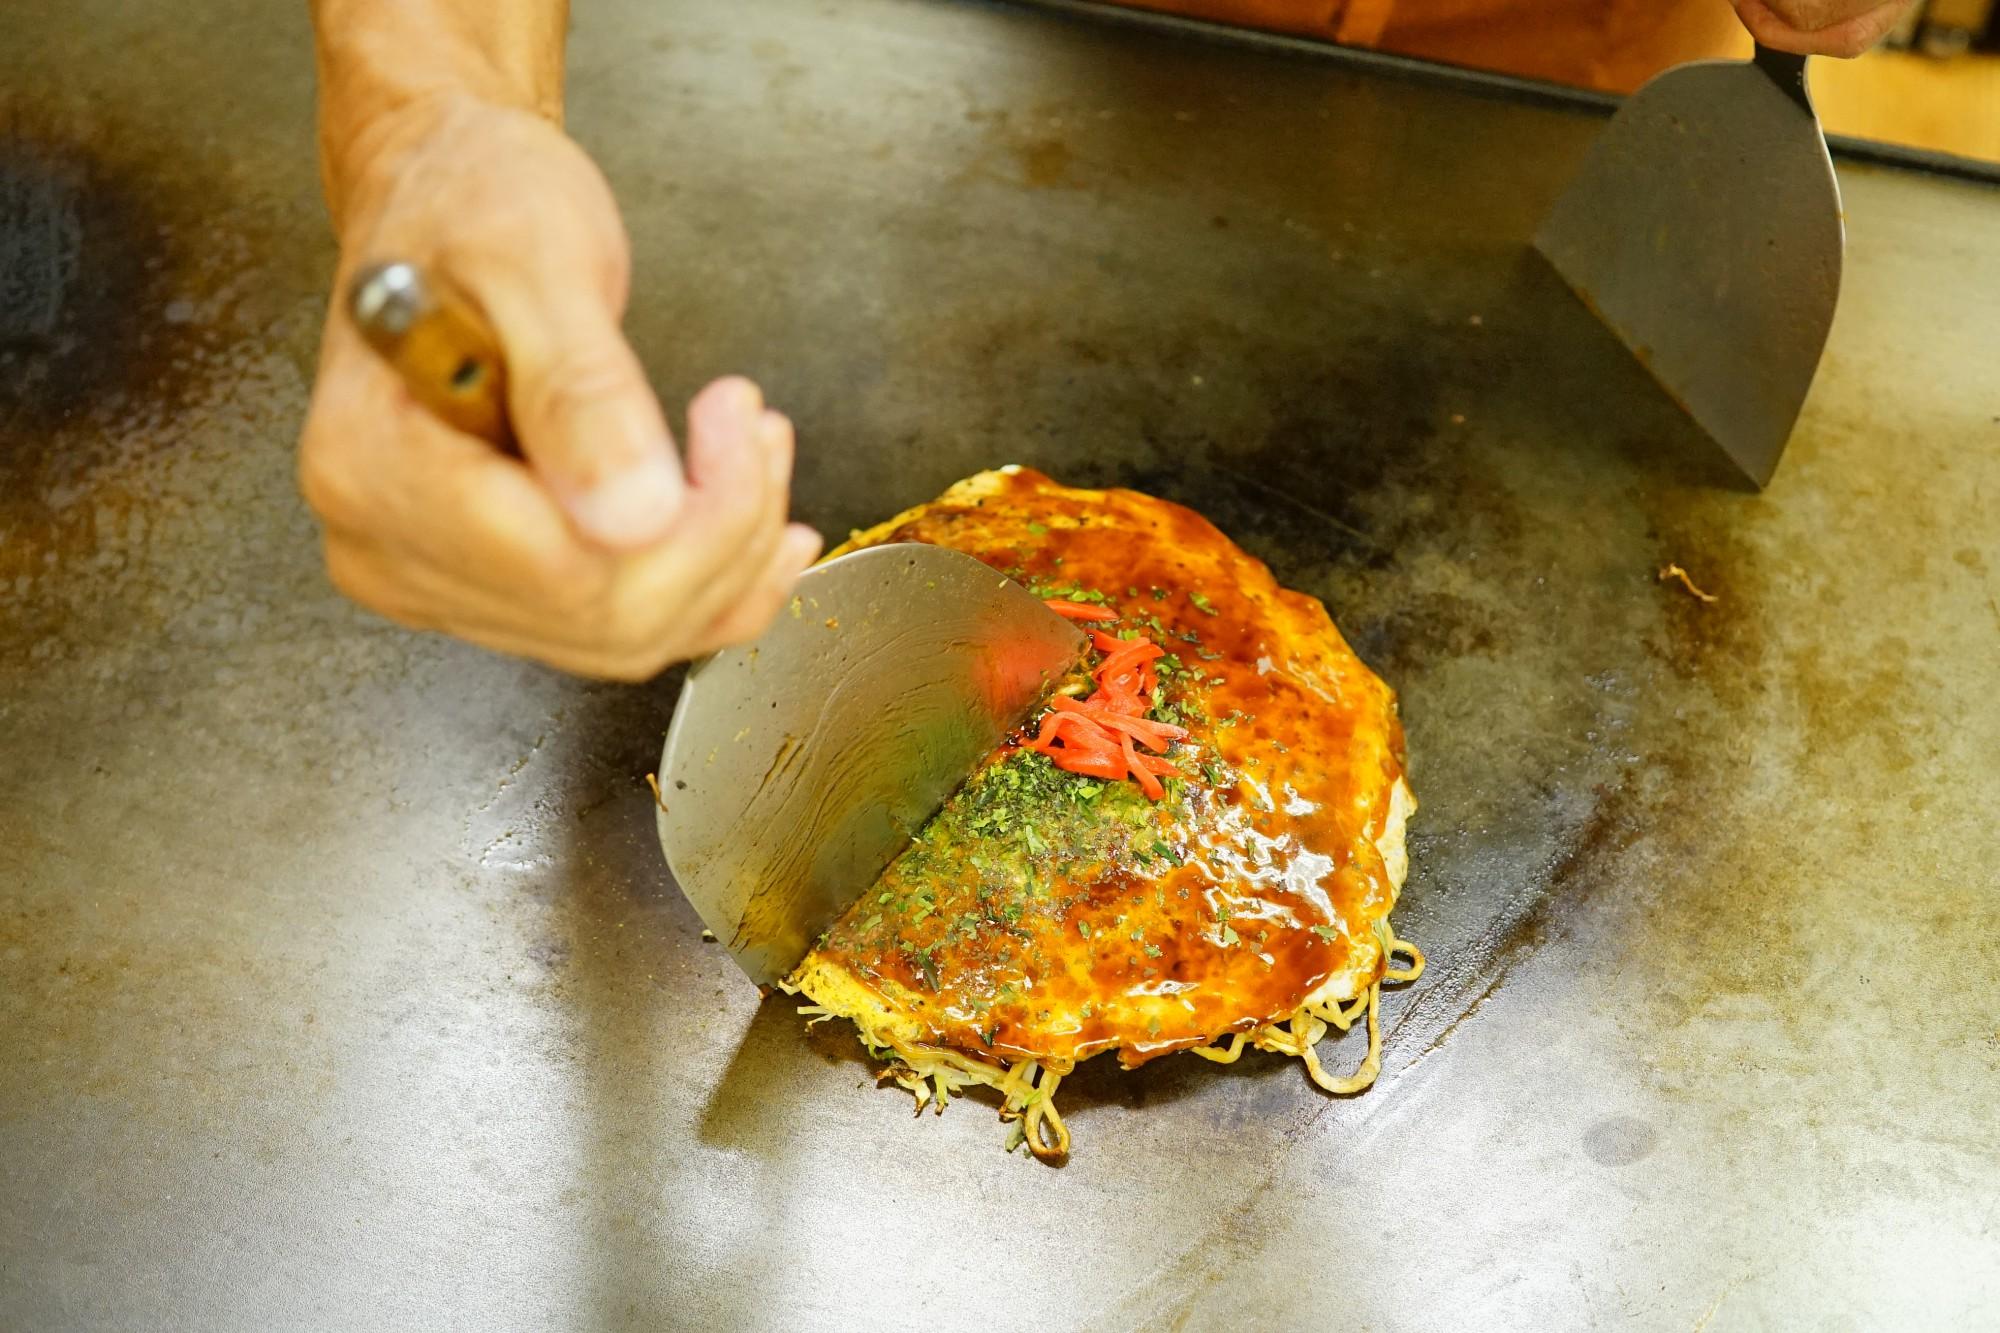 広島のお好み焼きは、薄めの生地にたっぷりと入った焼きそば、野菜が特徴。鉄板でご主人自ら焼いてくれる。